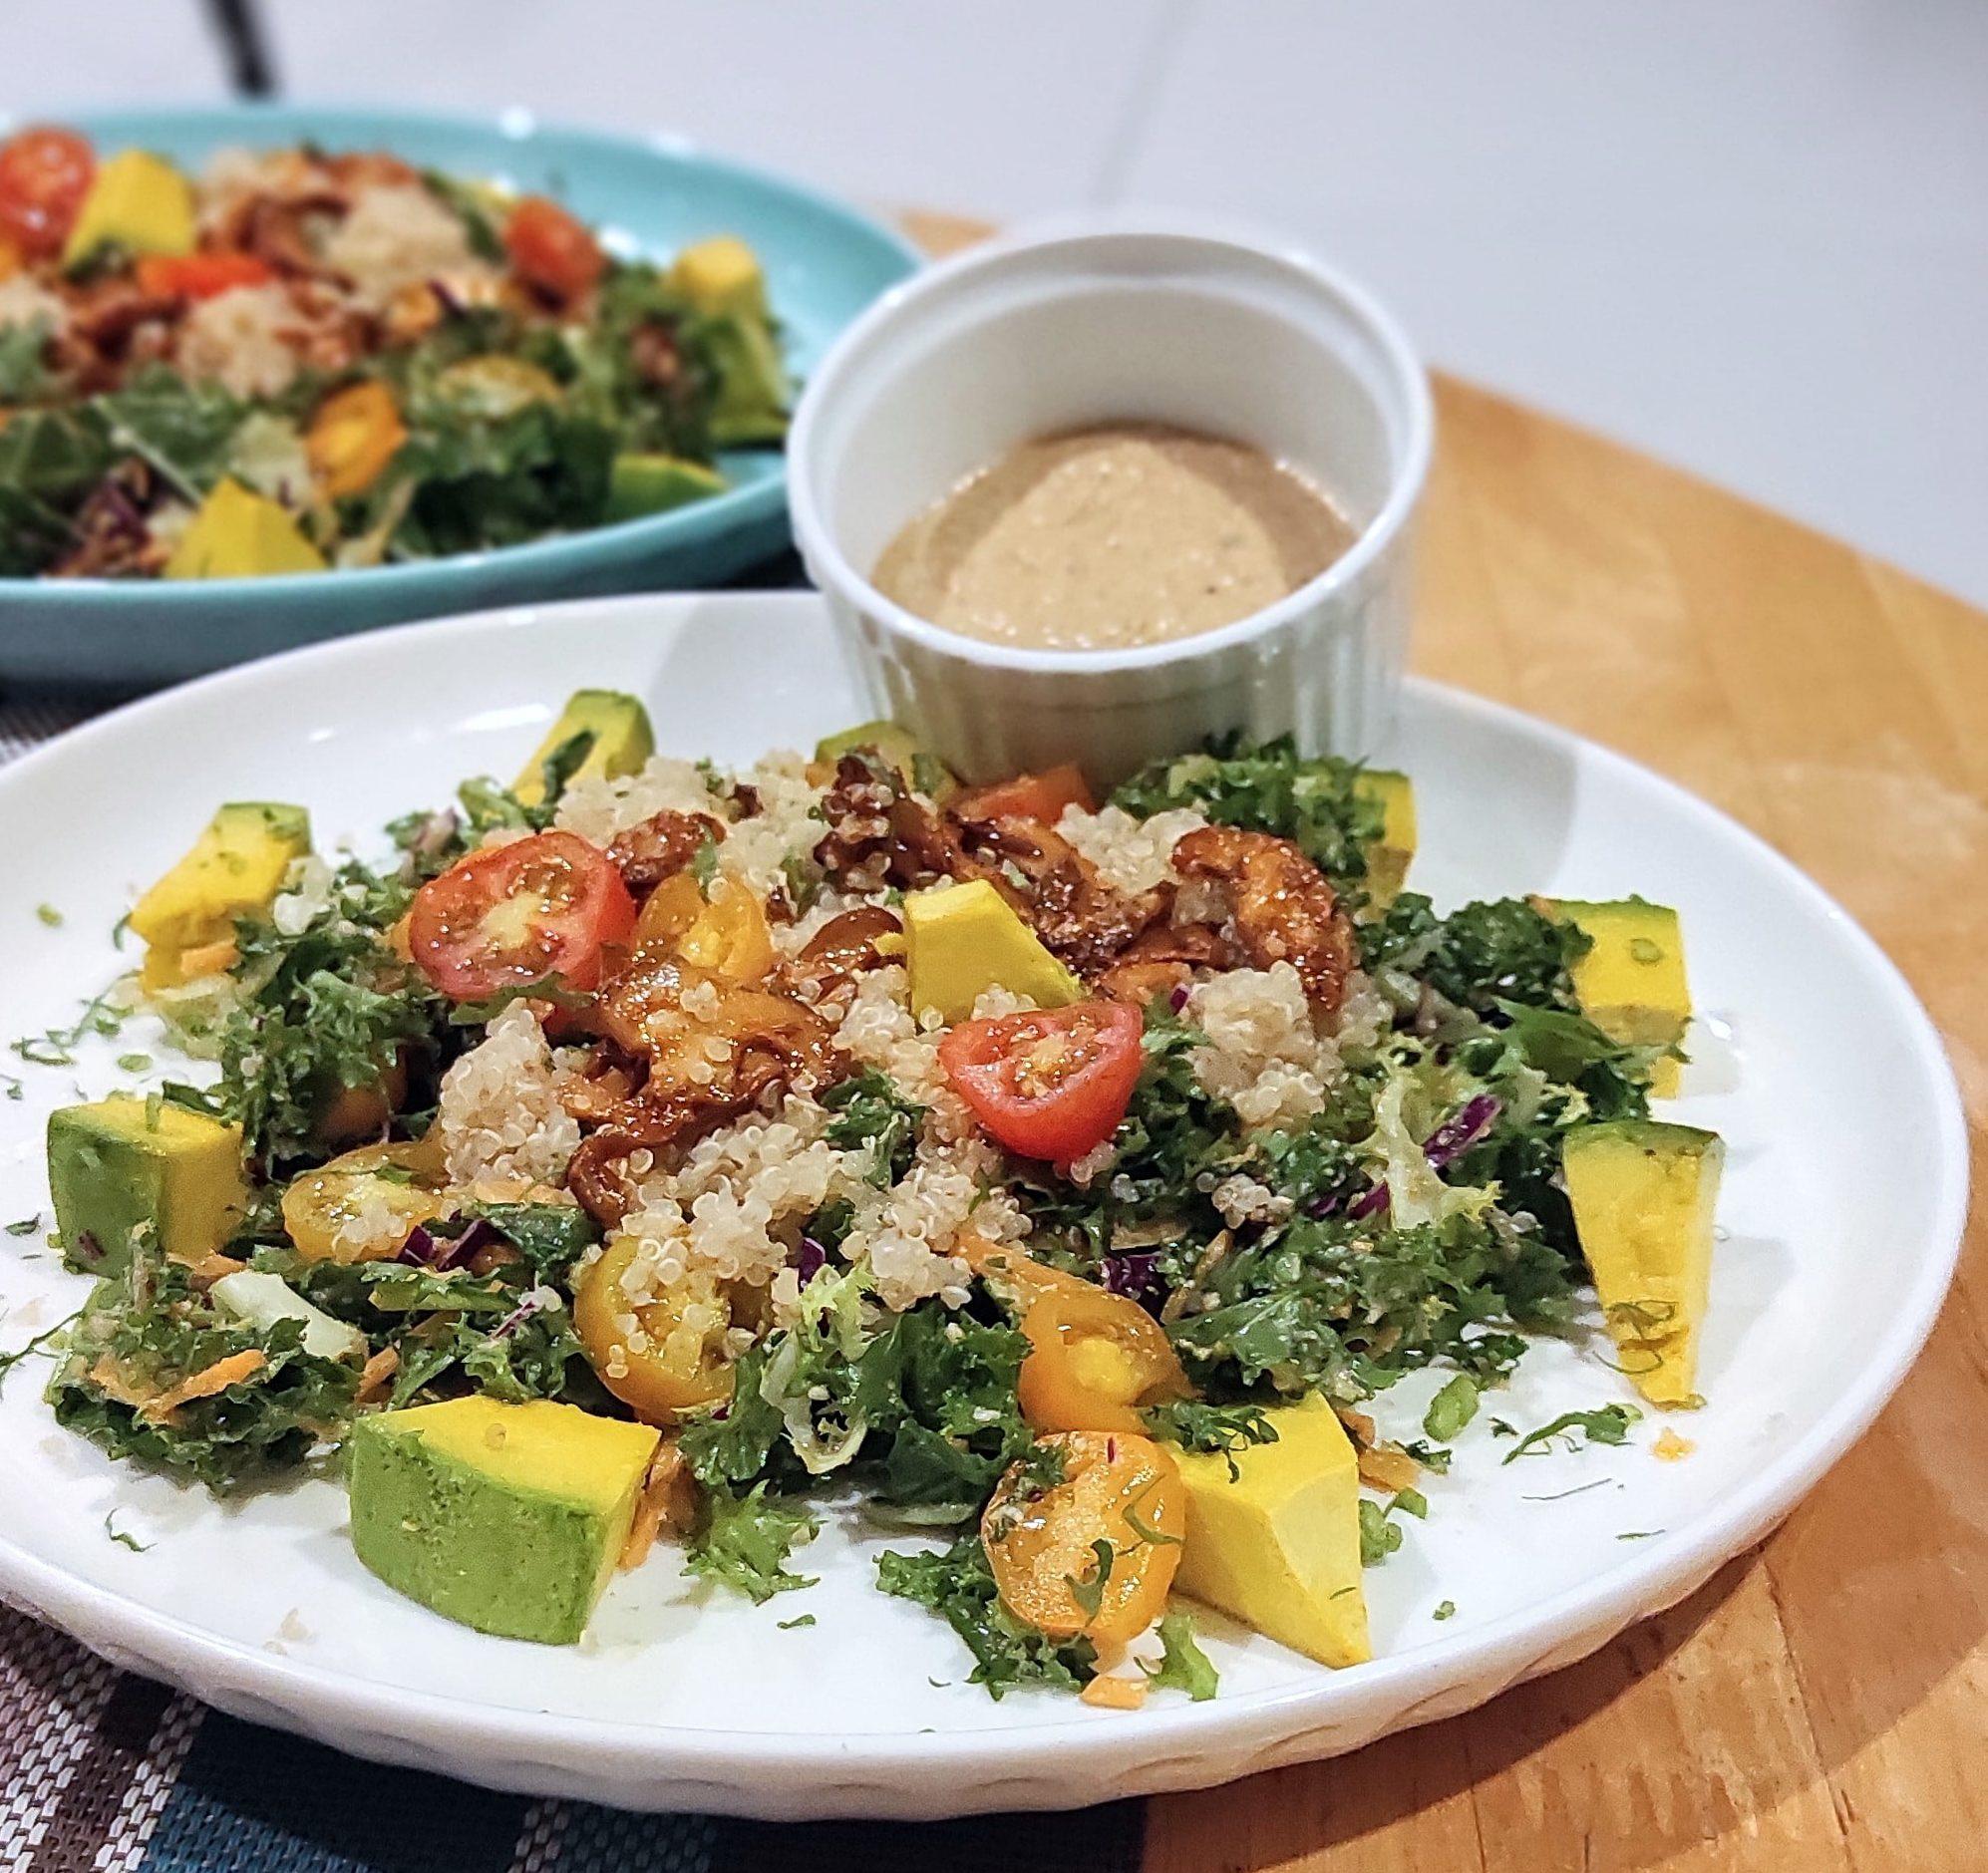 salad not a salad - New idea of making salad